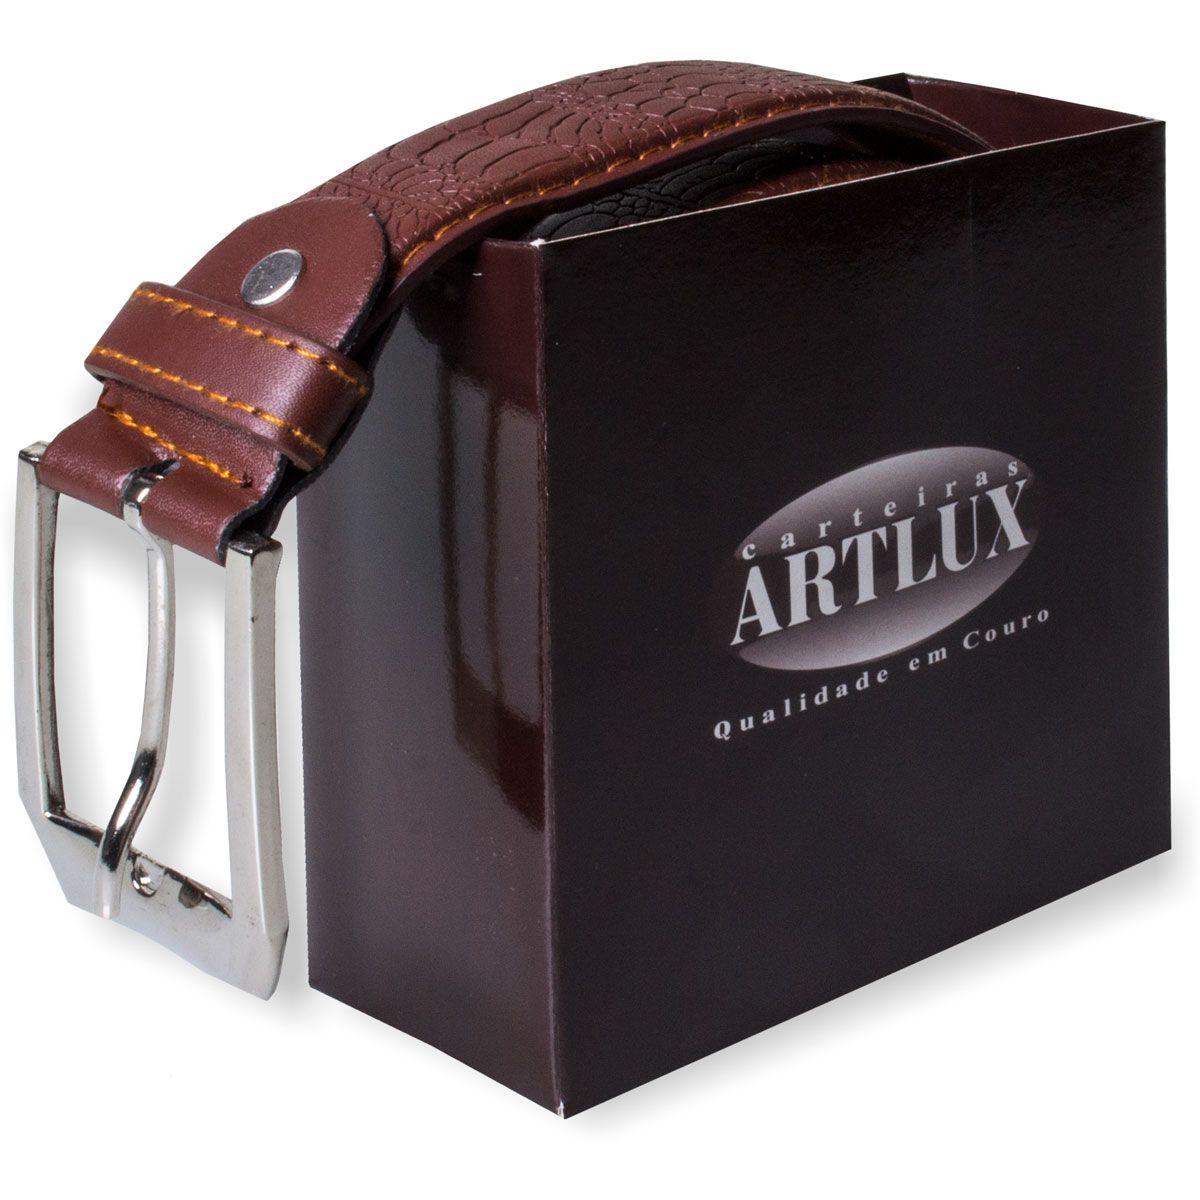 Kit Carteira Artlux Craquelê mais Cinto